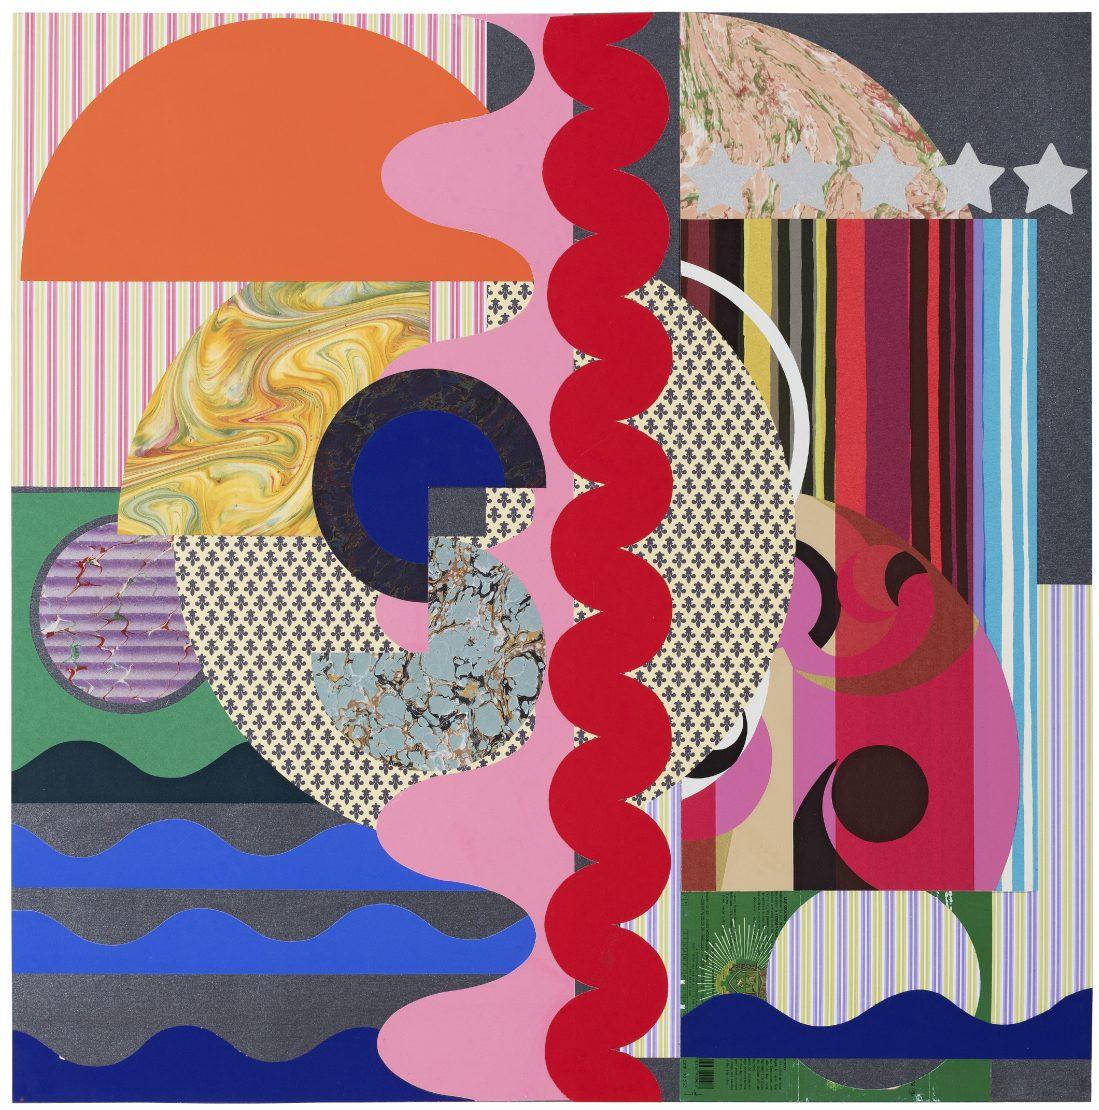 Obra 'Os cisnes com vermelho, rosa e prata' (2017), da artista plástica Beatriz Milhazes